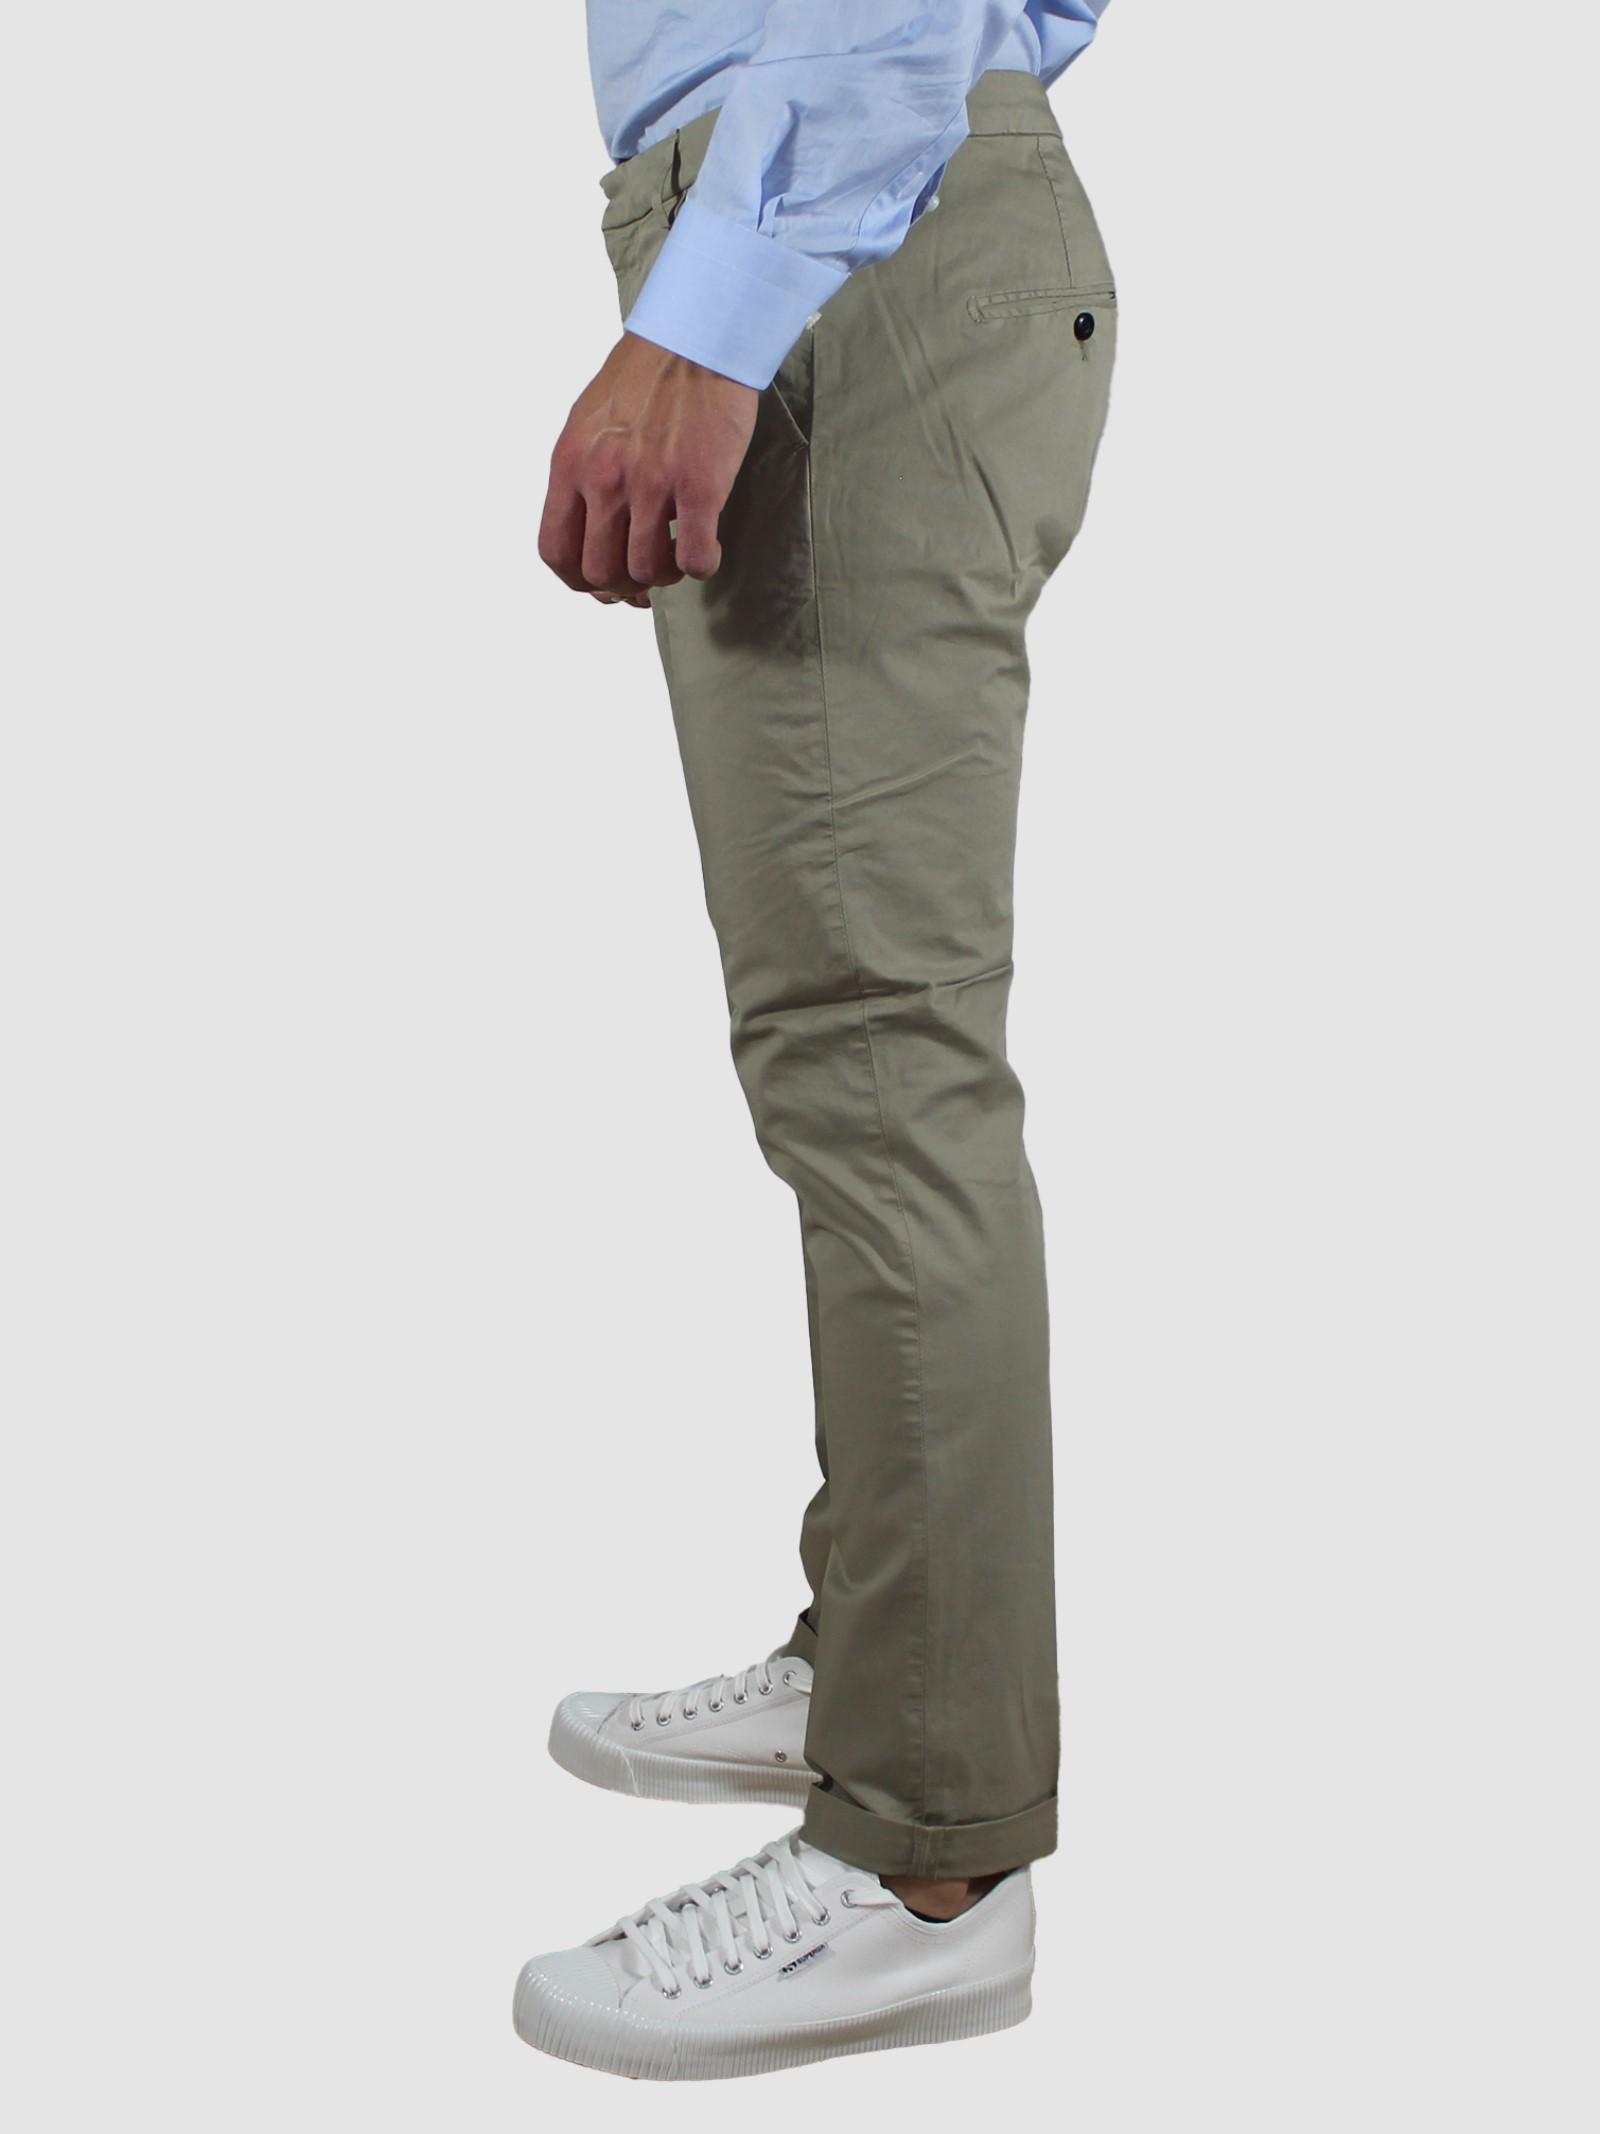 Pantaalone gaubert Dondup | Pantalone | UP235-GSE046U-PTD042